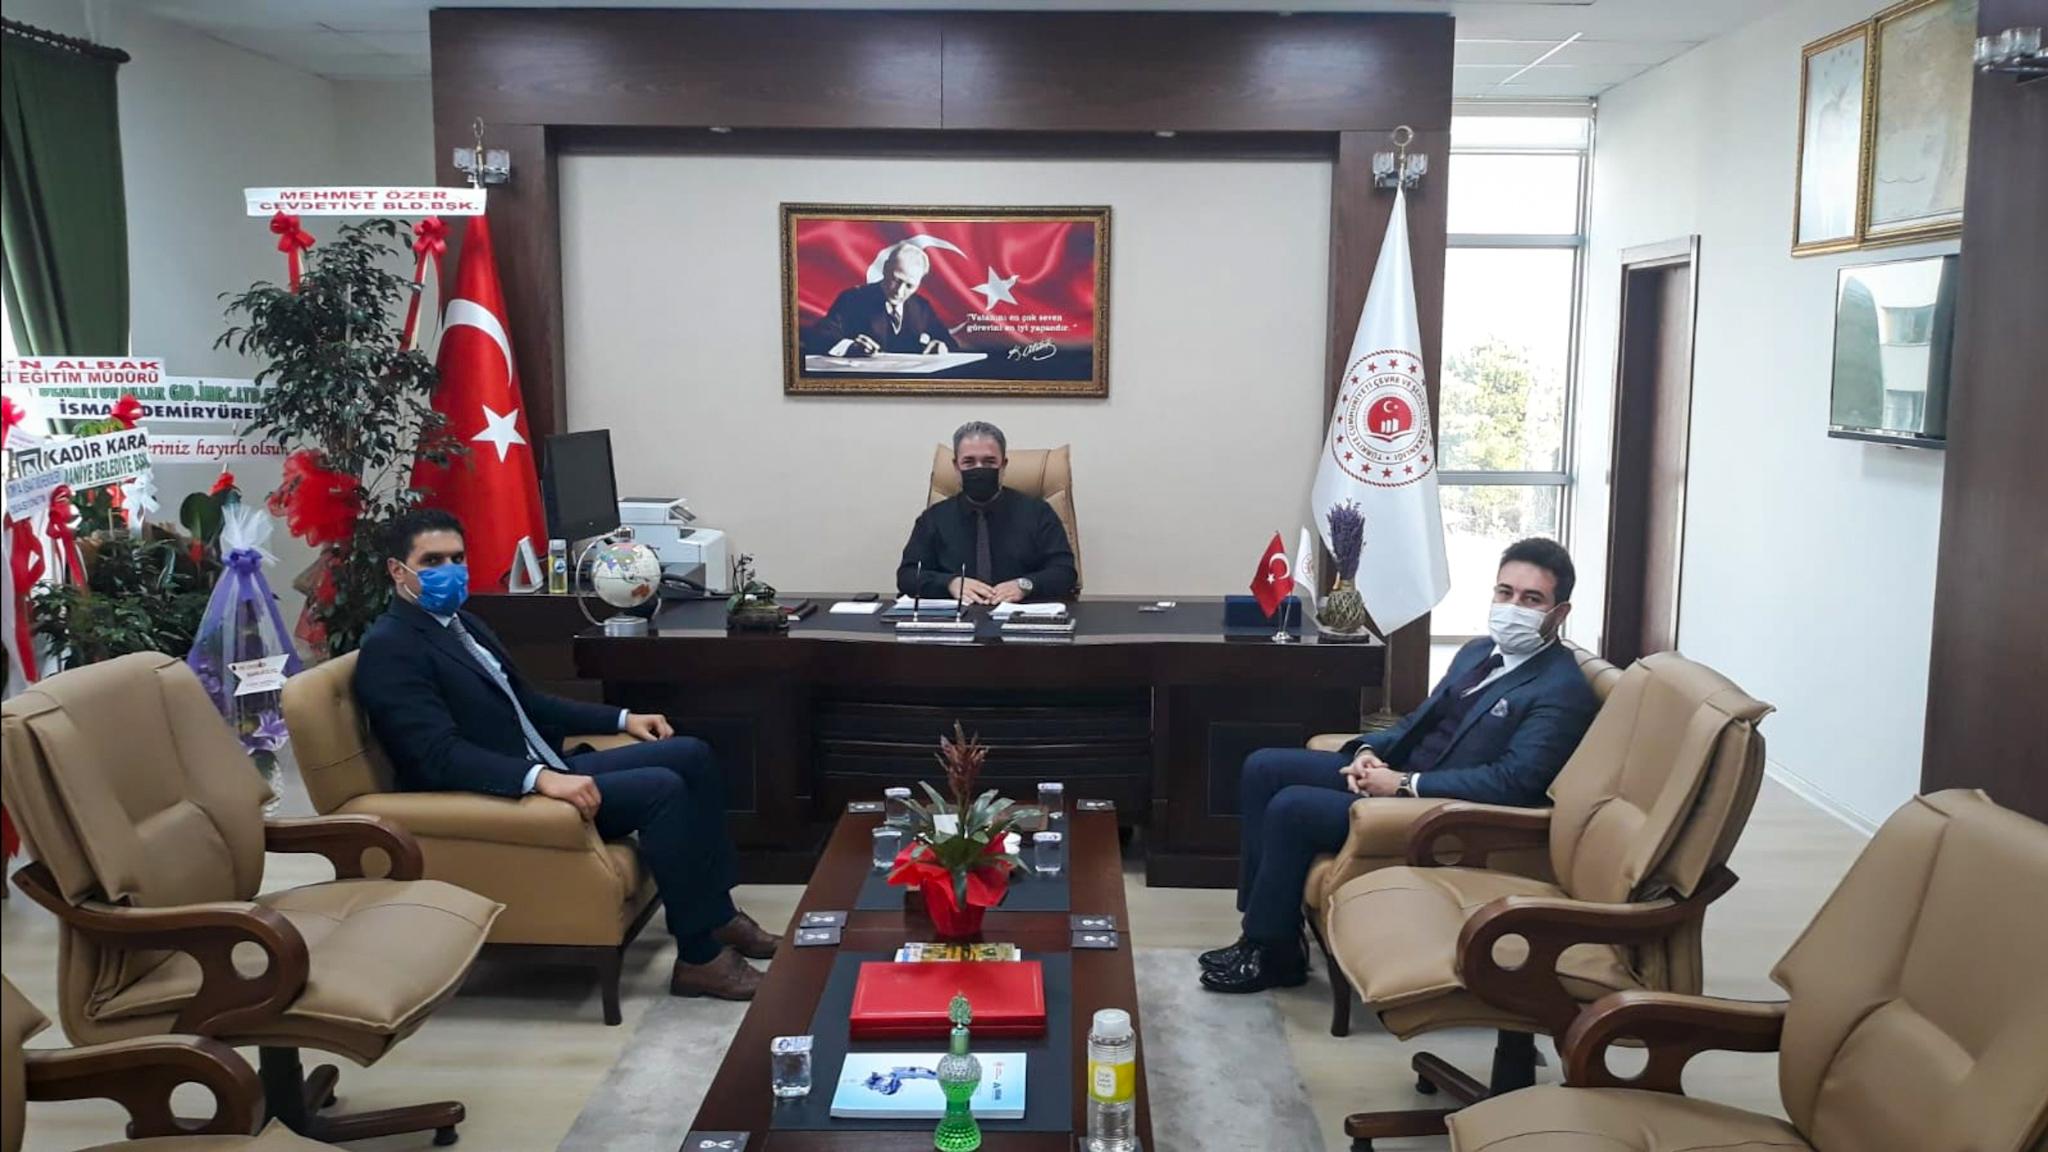 Osmaniye Kültür ve Turizm İl Müdürü Burhan TORUN ve Osmaniye MHP İl Başkan Yardımcısı Enver BOZDOĞAN İl Müdürümüz İrfan Remzi YILMAZ'ı ziyaret etti.